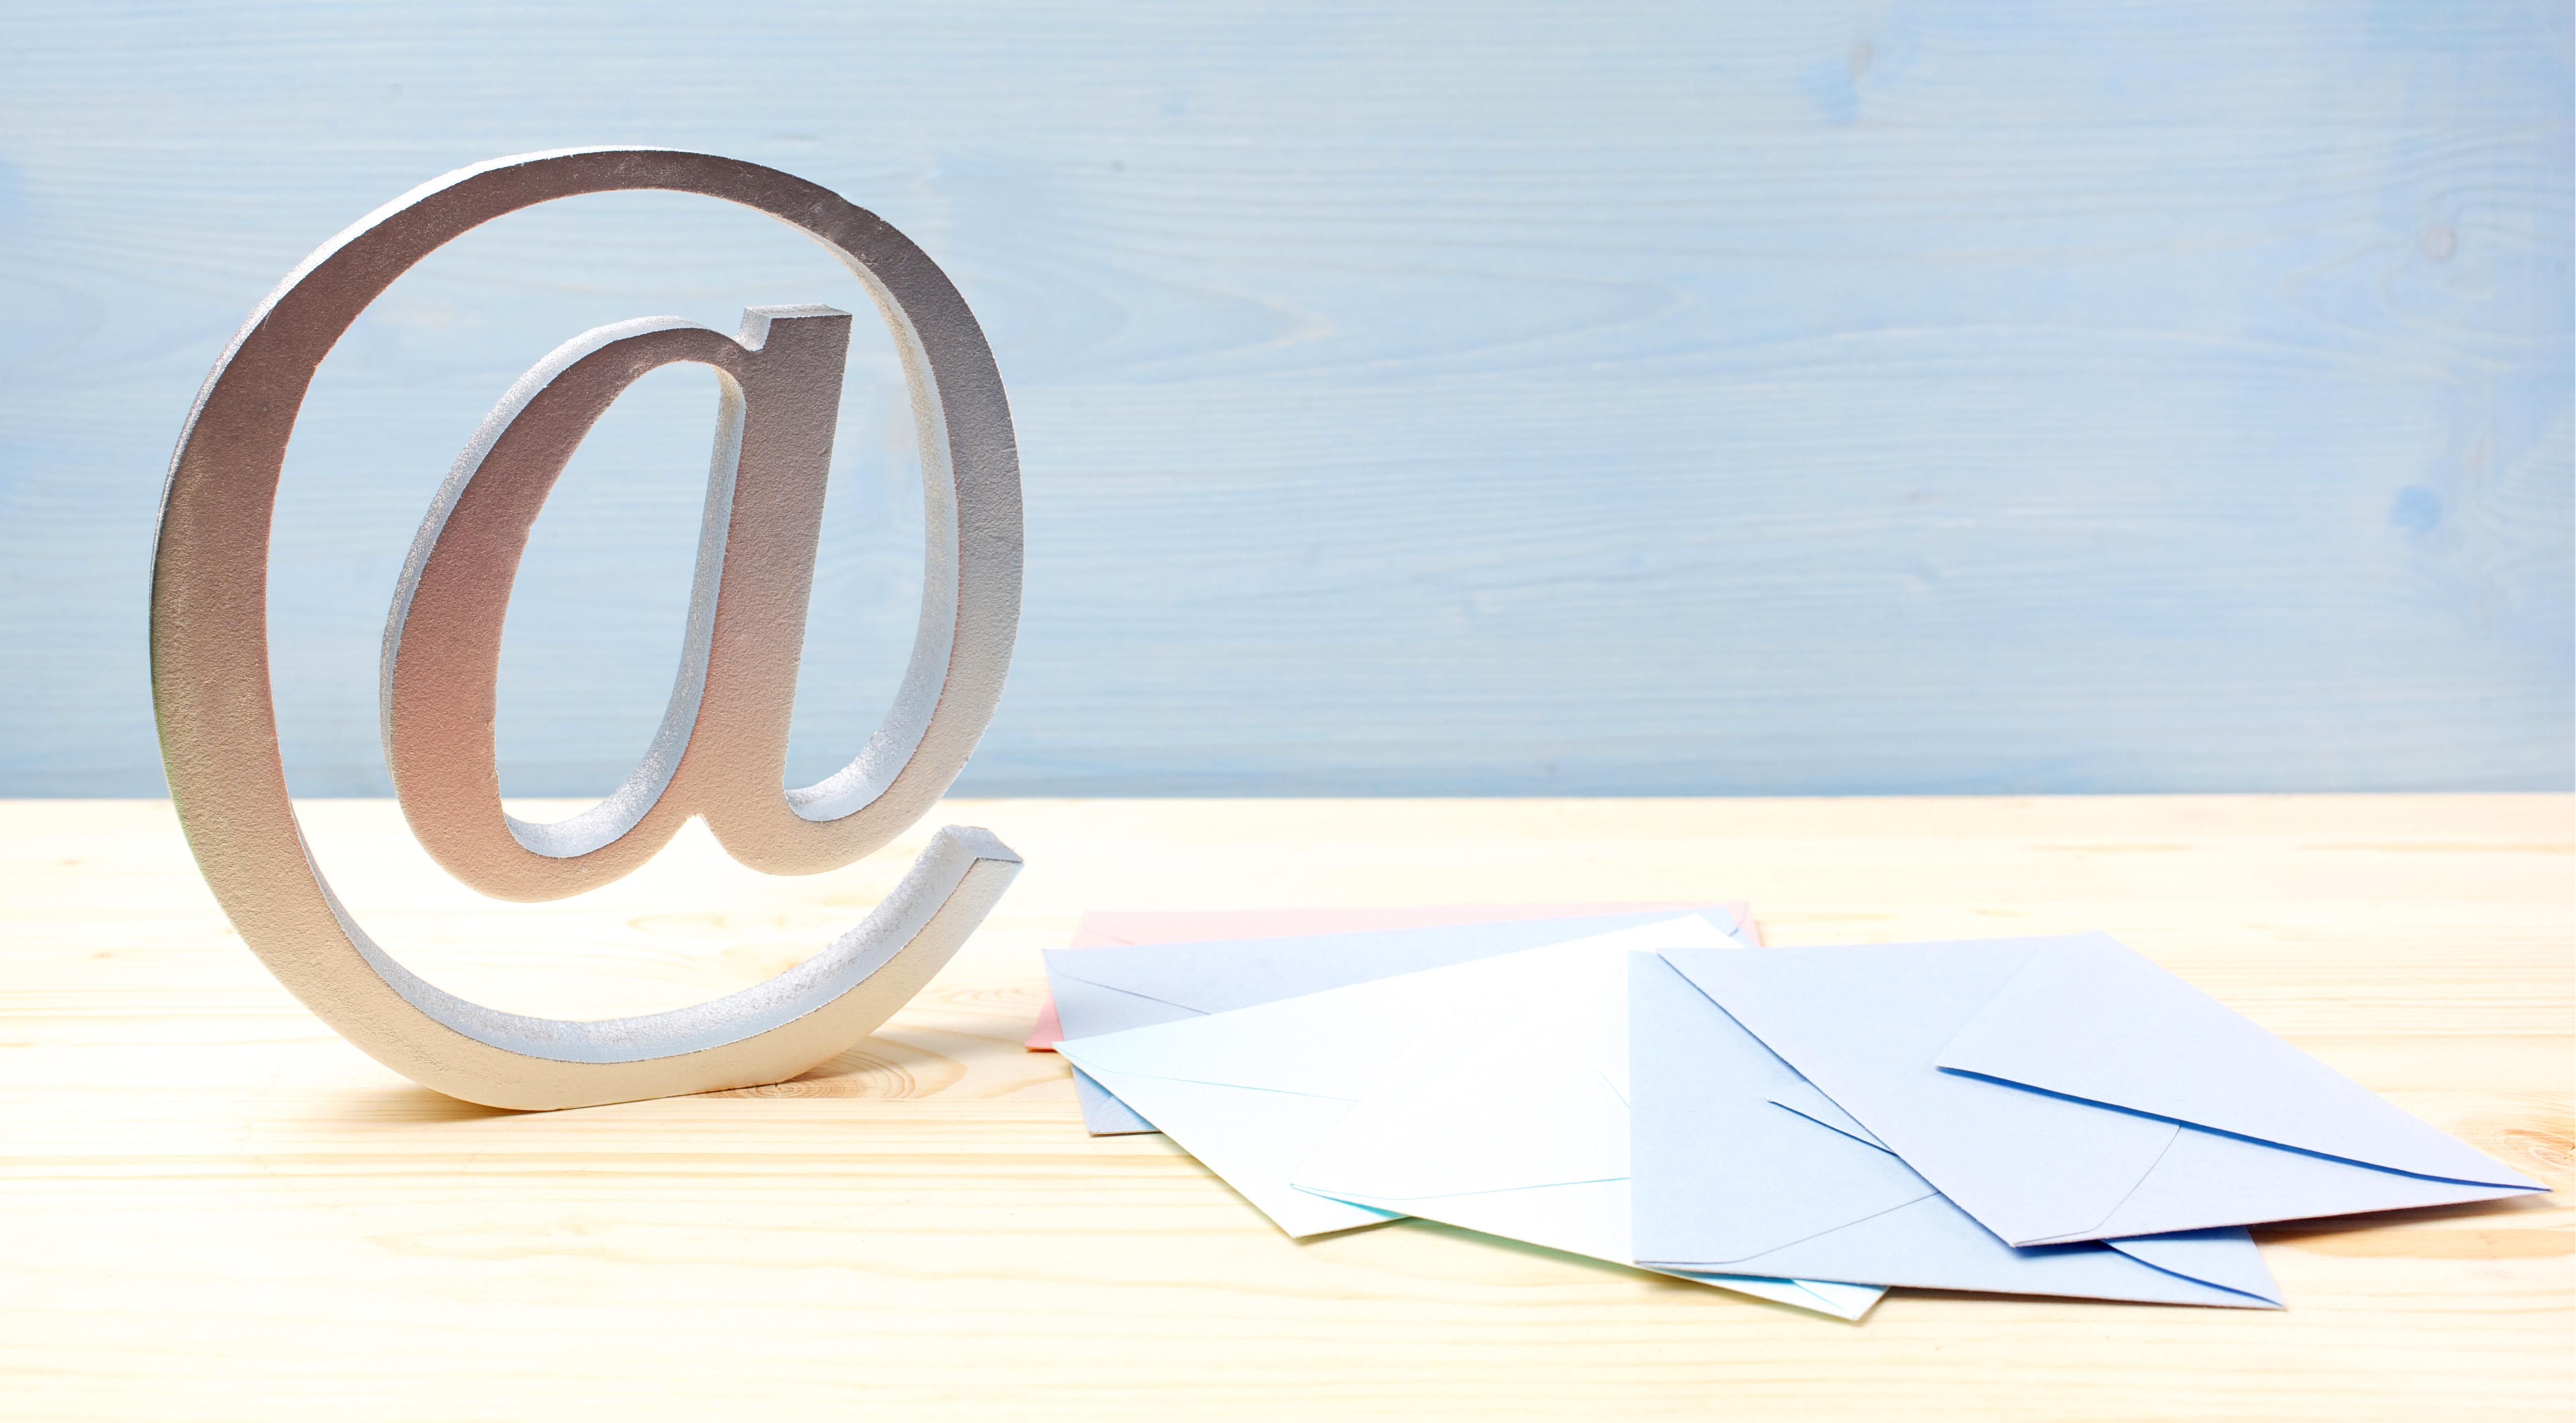 關於Bitrix24帳戶電子郵件同步和重複電子郵件存儲的重要通知